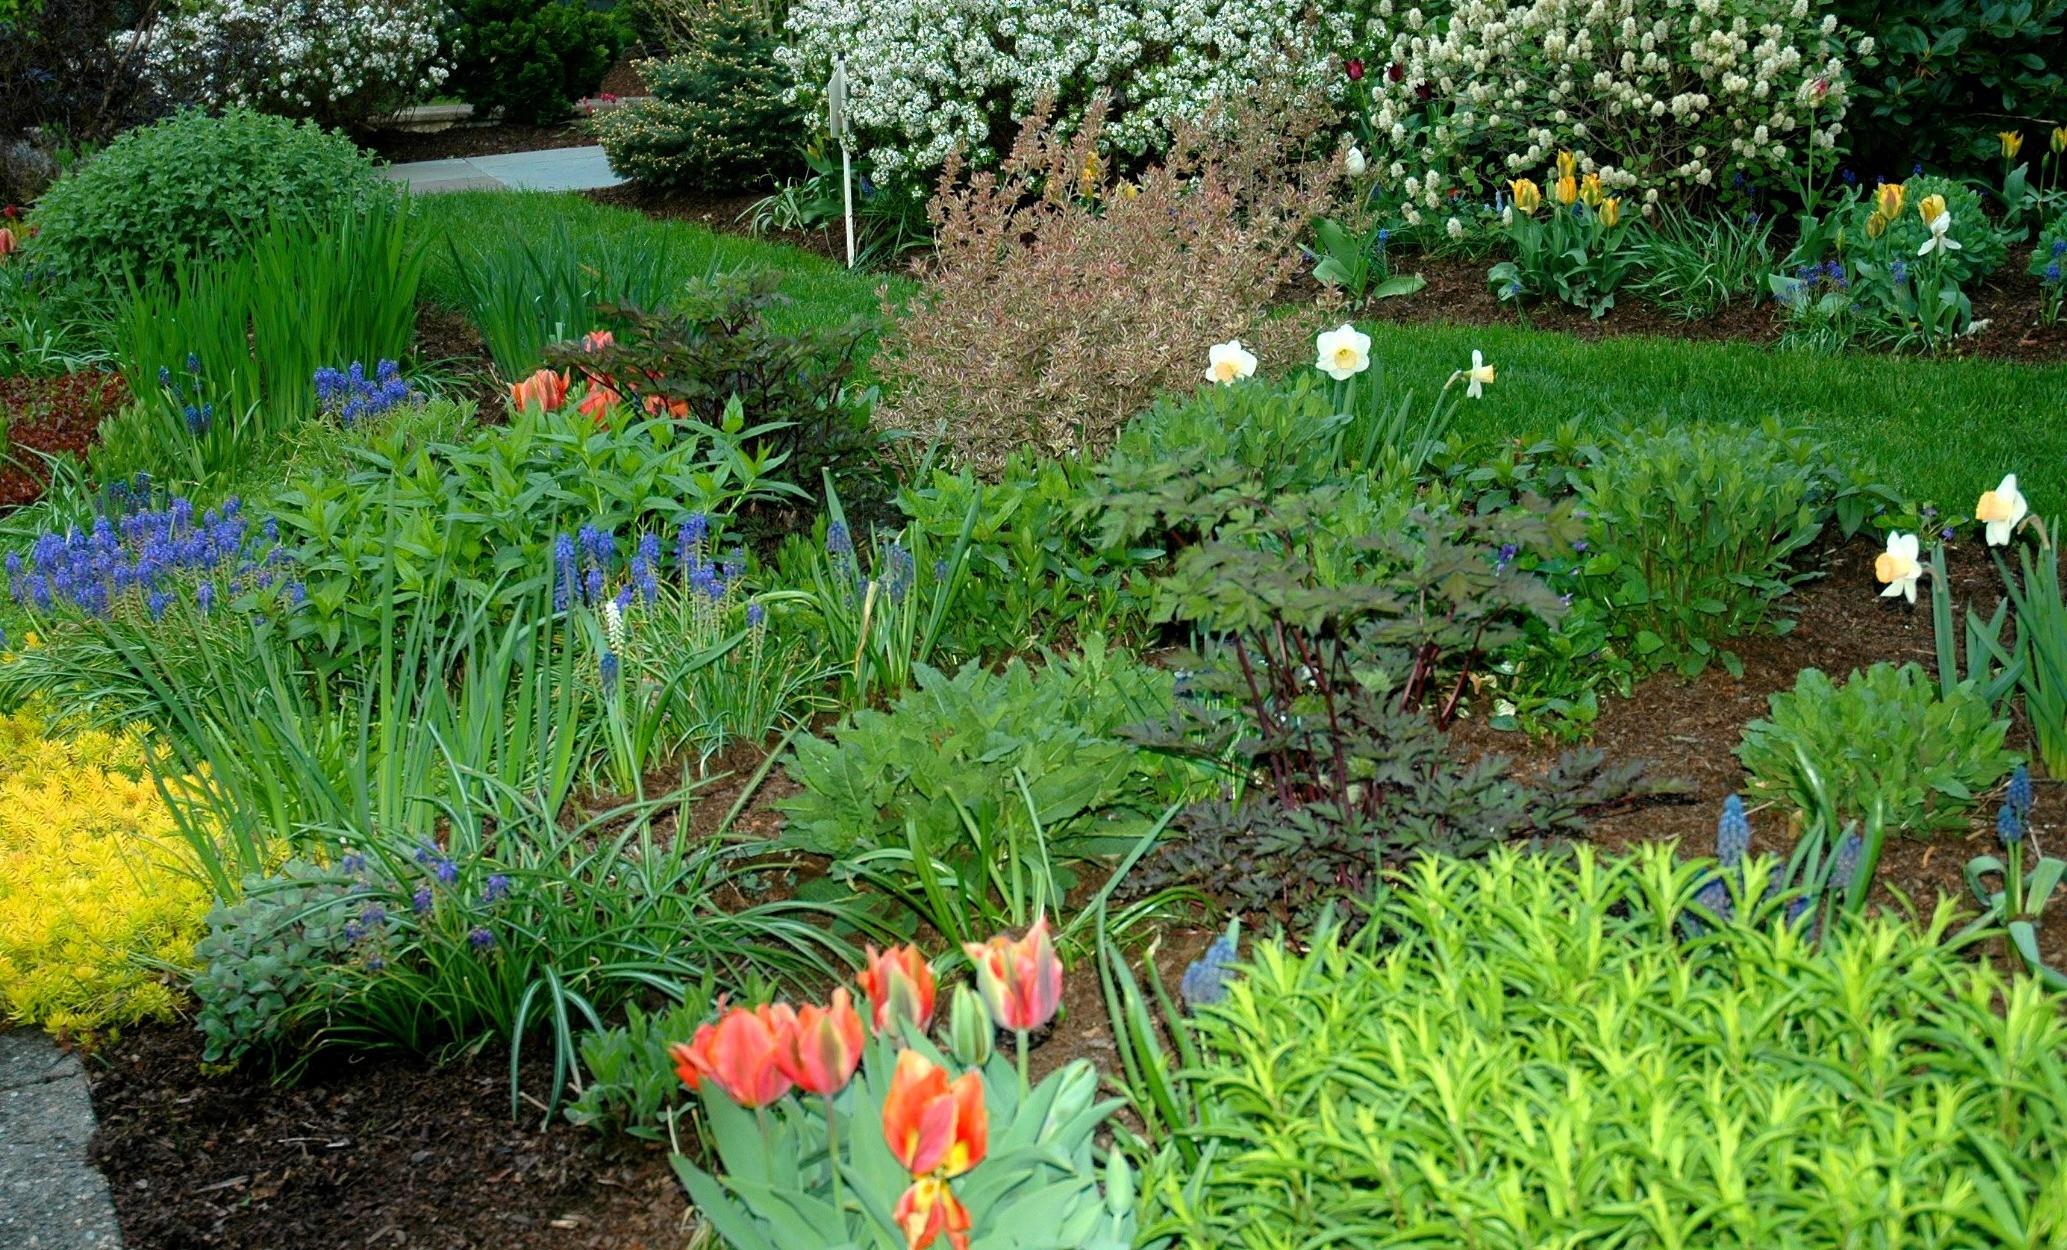 naturgarten - sehr viele grünen pflanzen